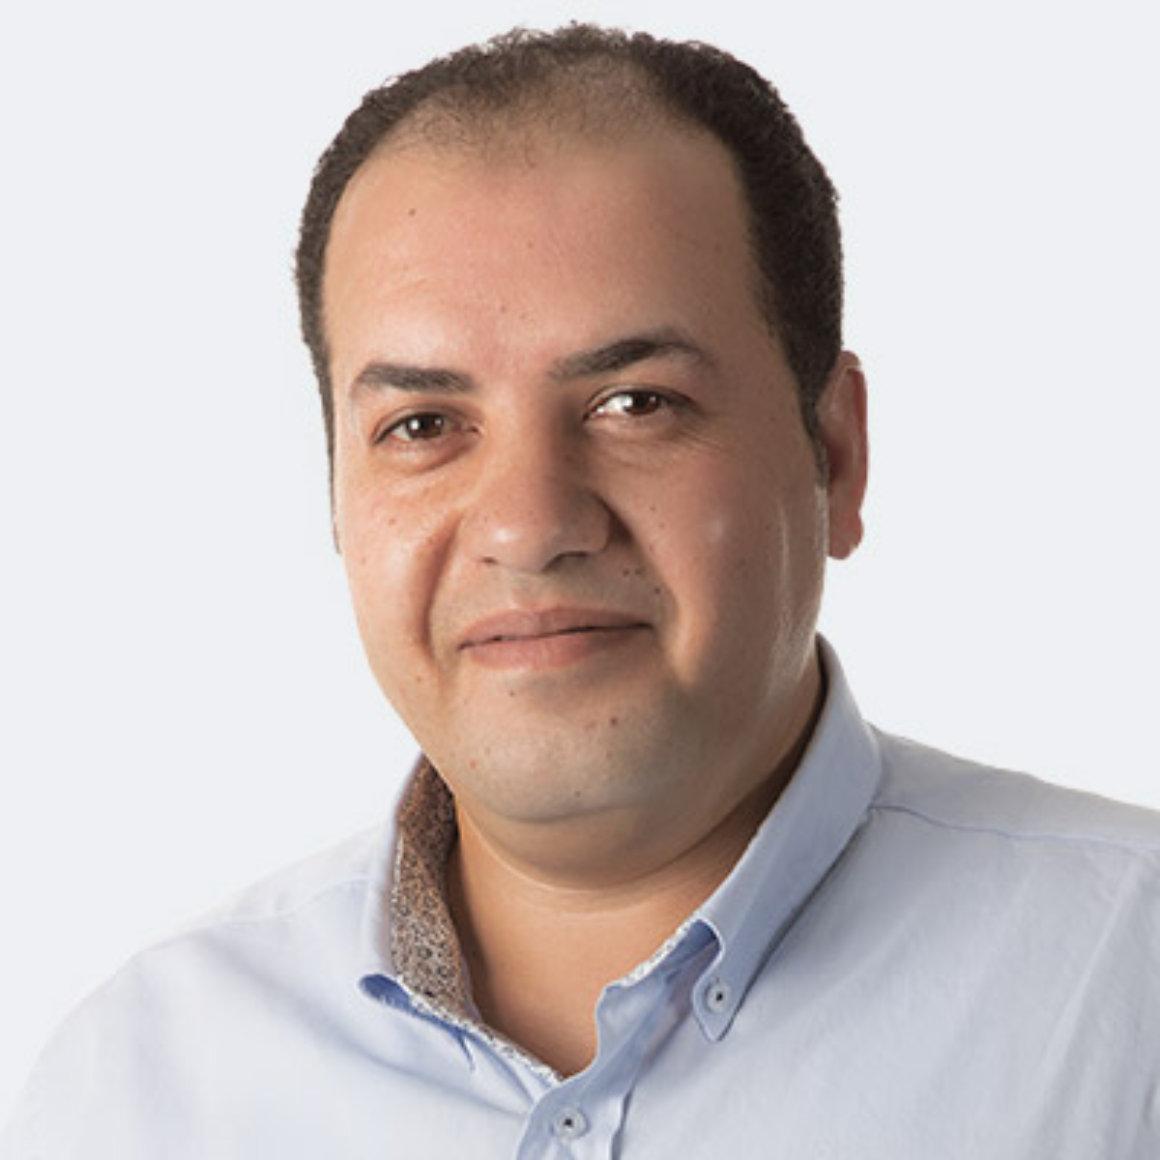 Amr Elshimy